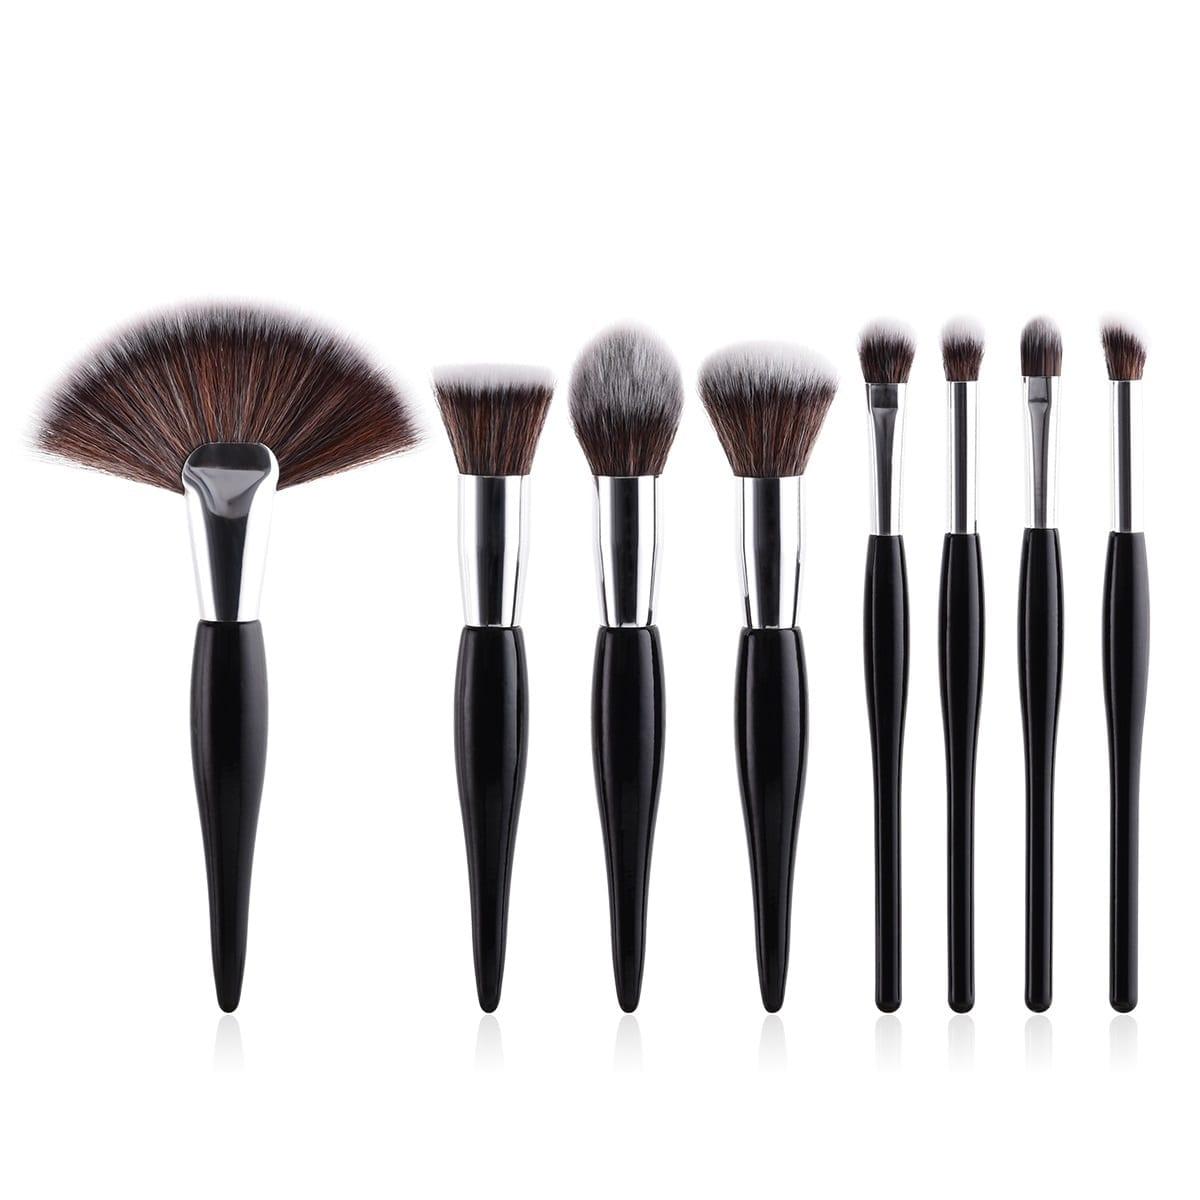 Glowii 8pcs Black-Silver Makeup Brush Set